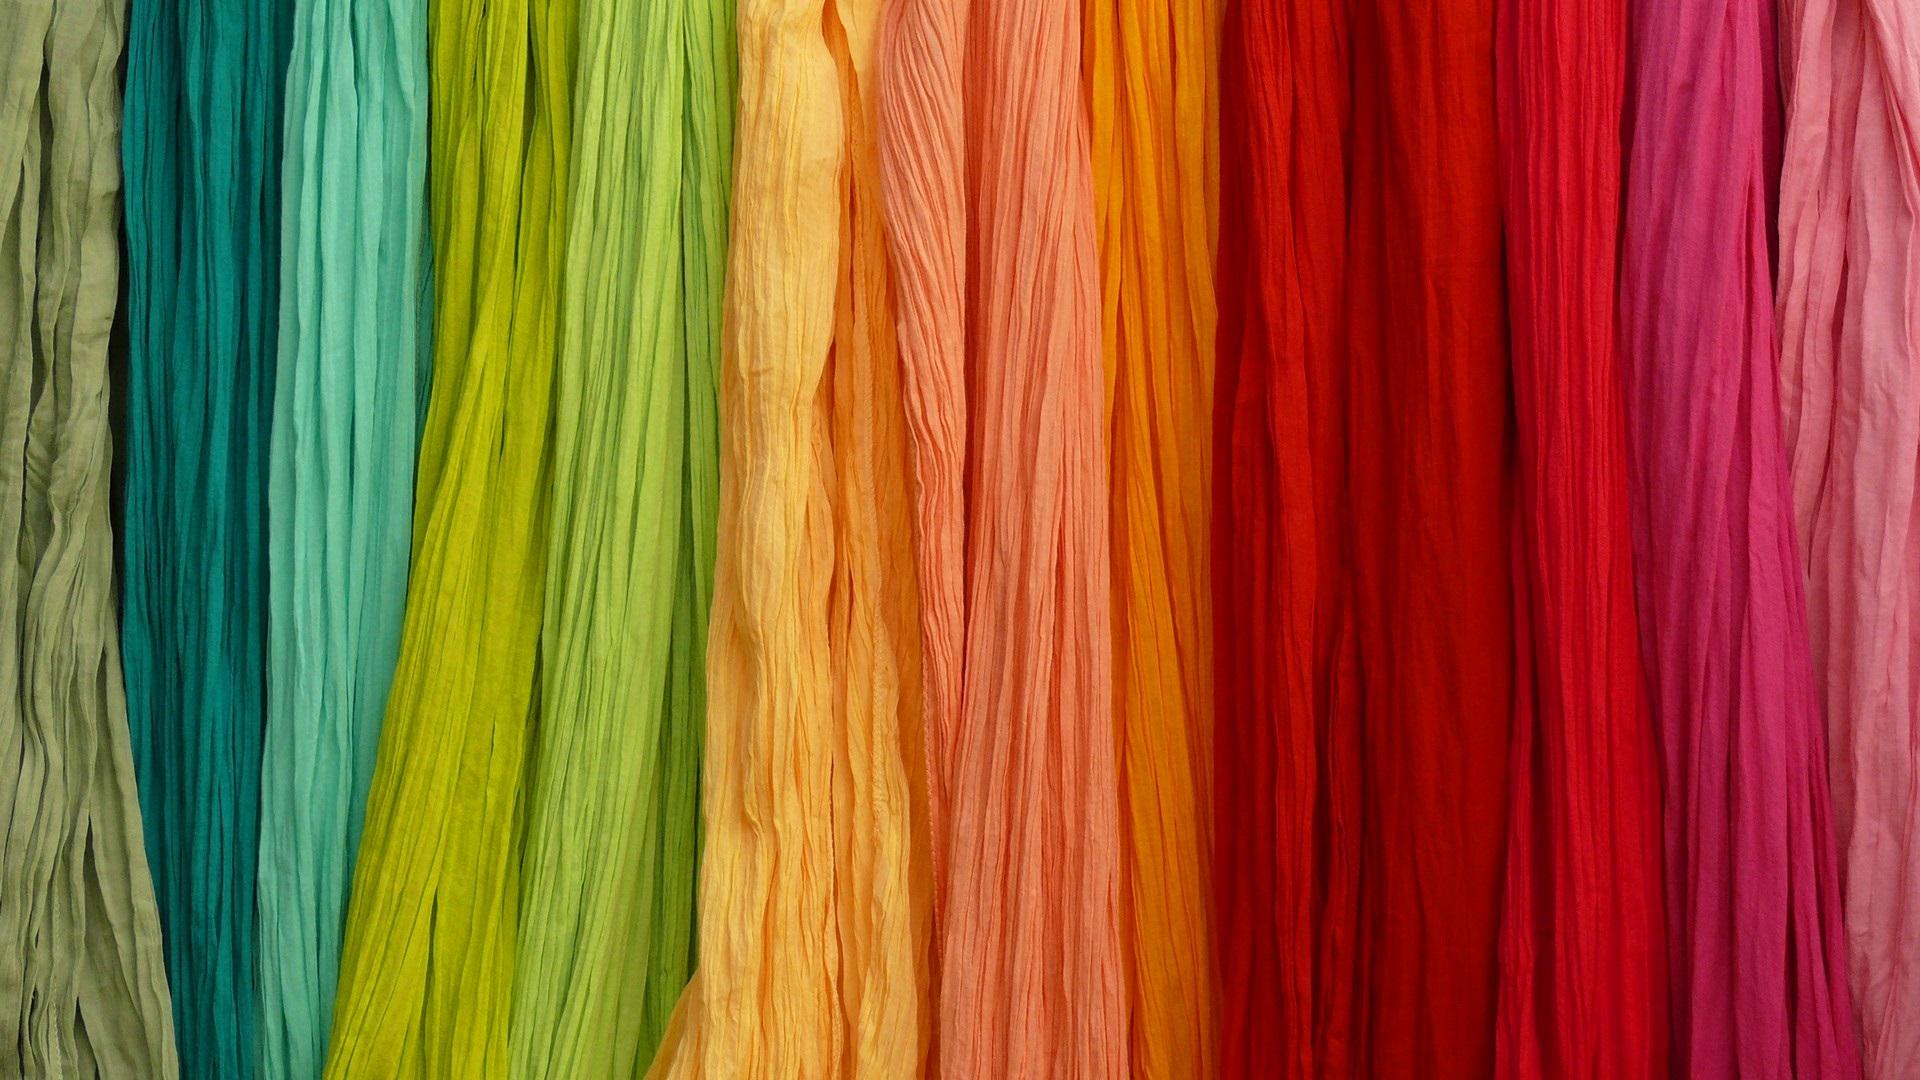 ткани разных цветов картинки магазине